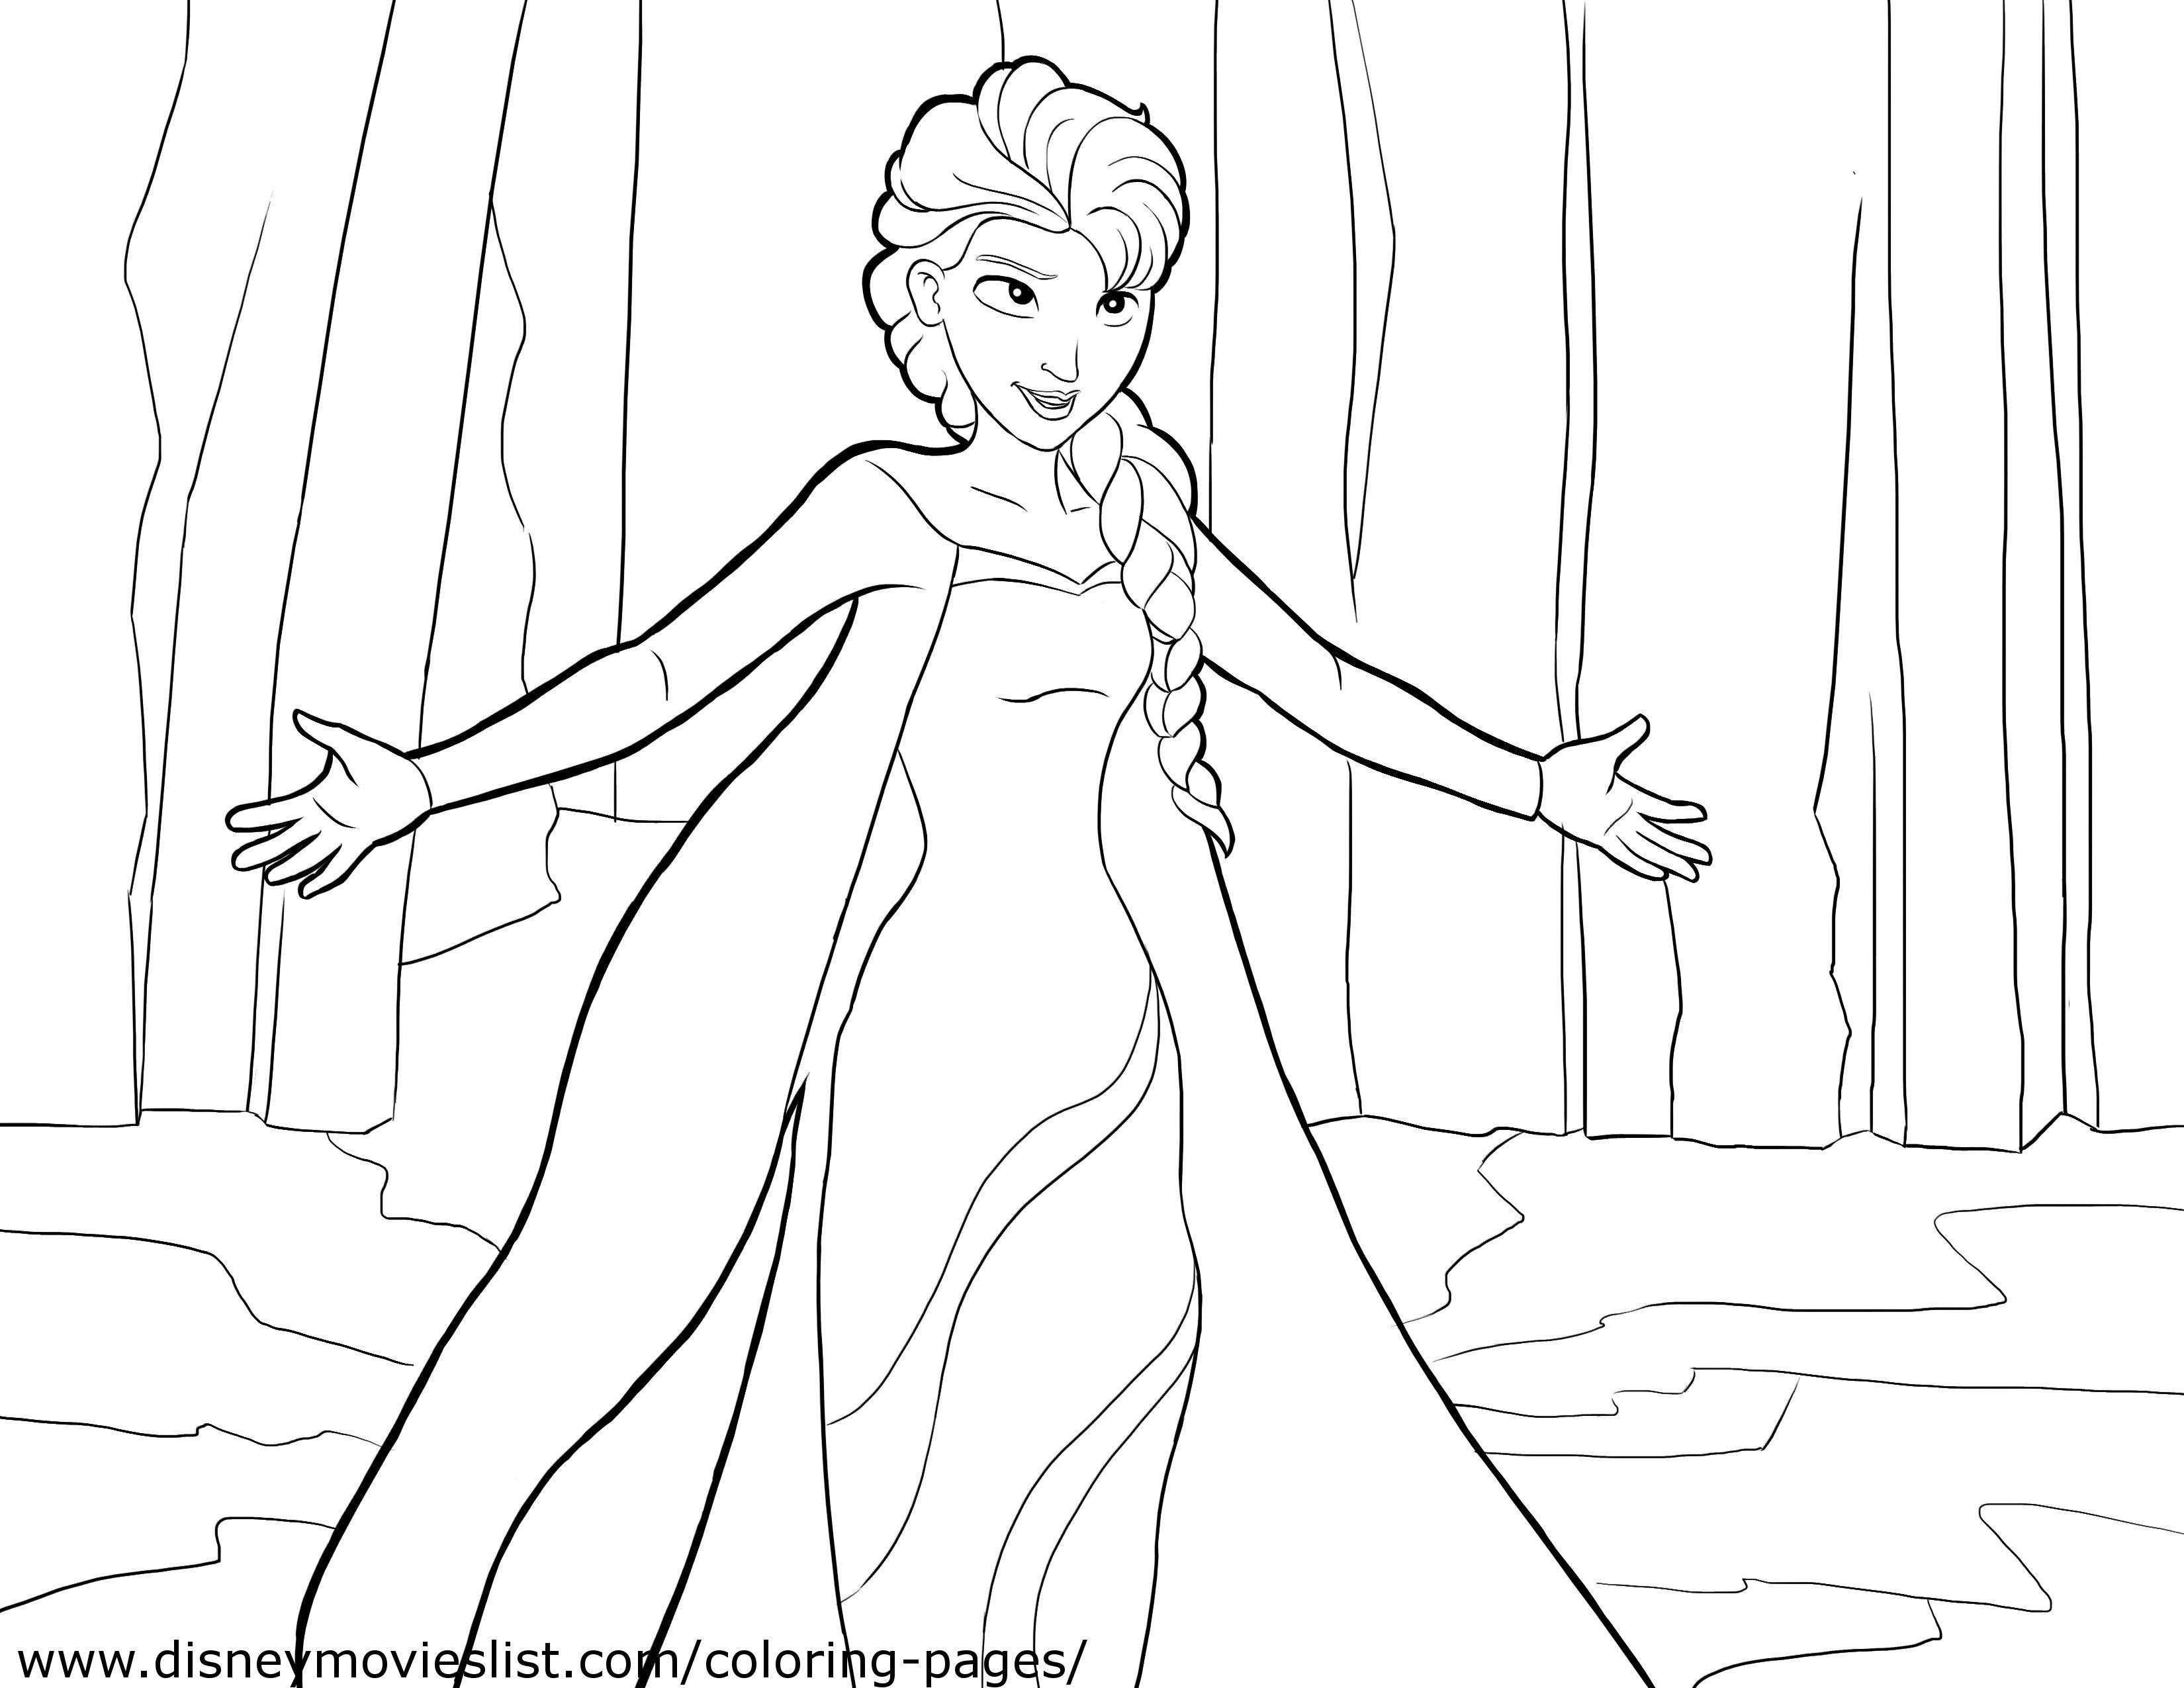 Frozen Coloring Pages - Frozen Photo (36145850) - Fanpop